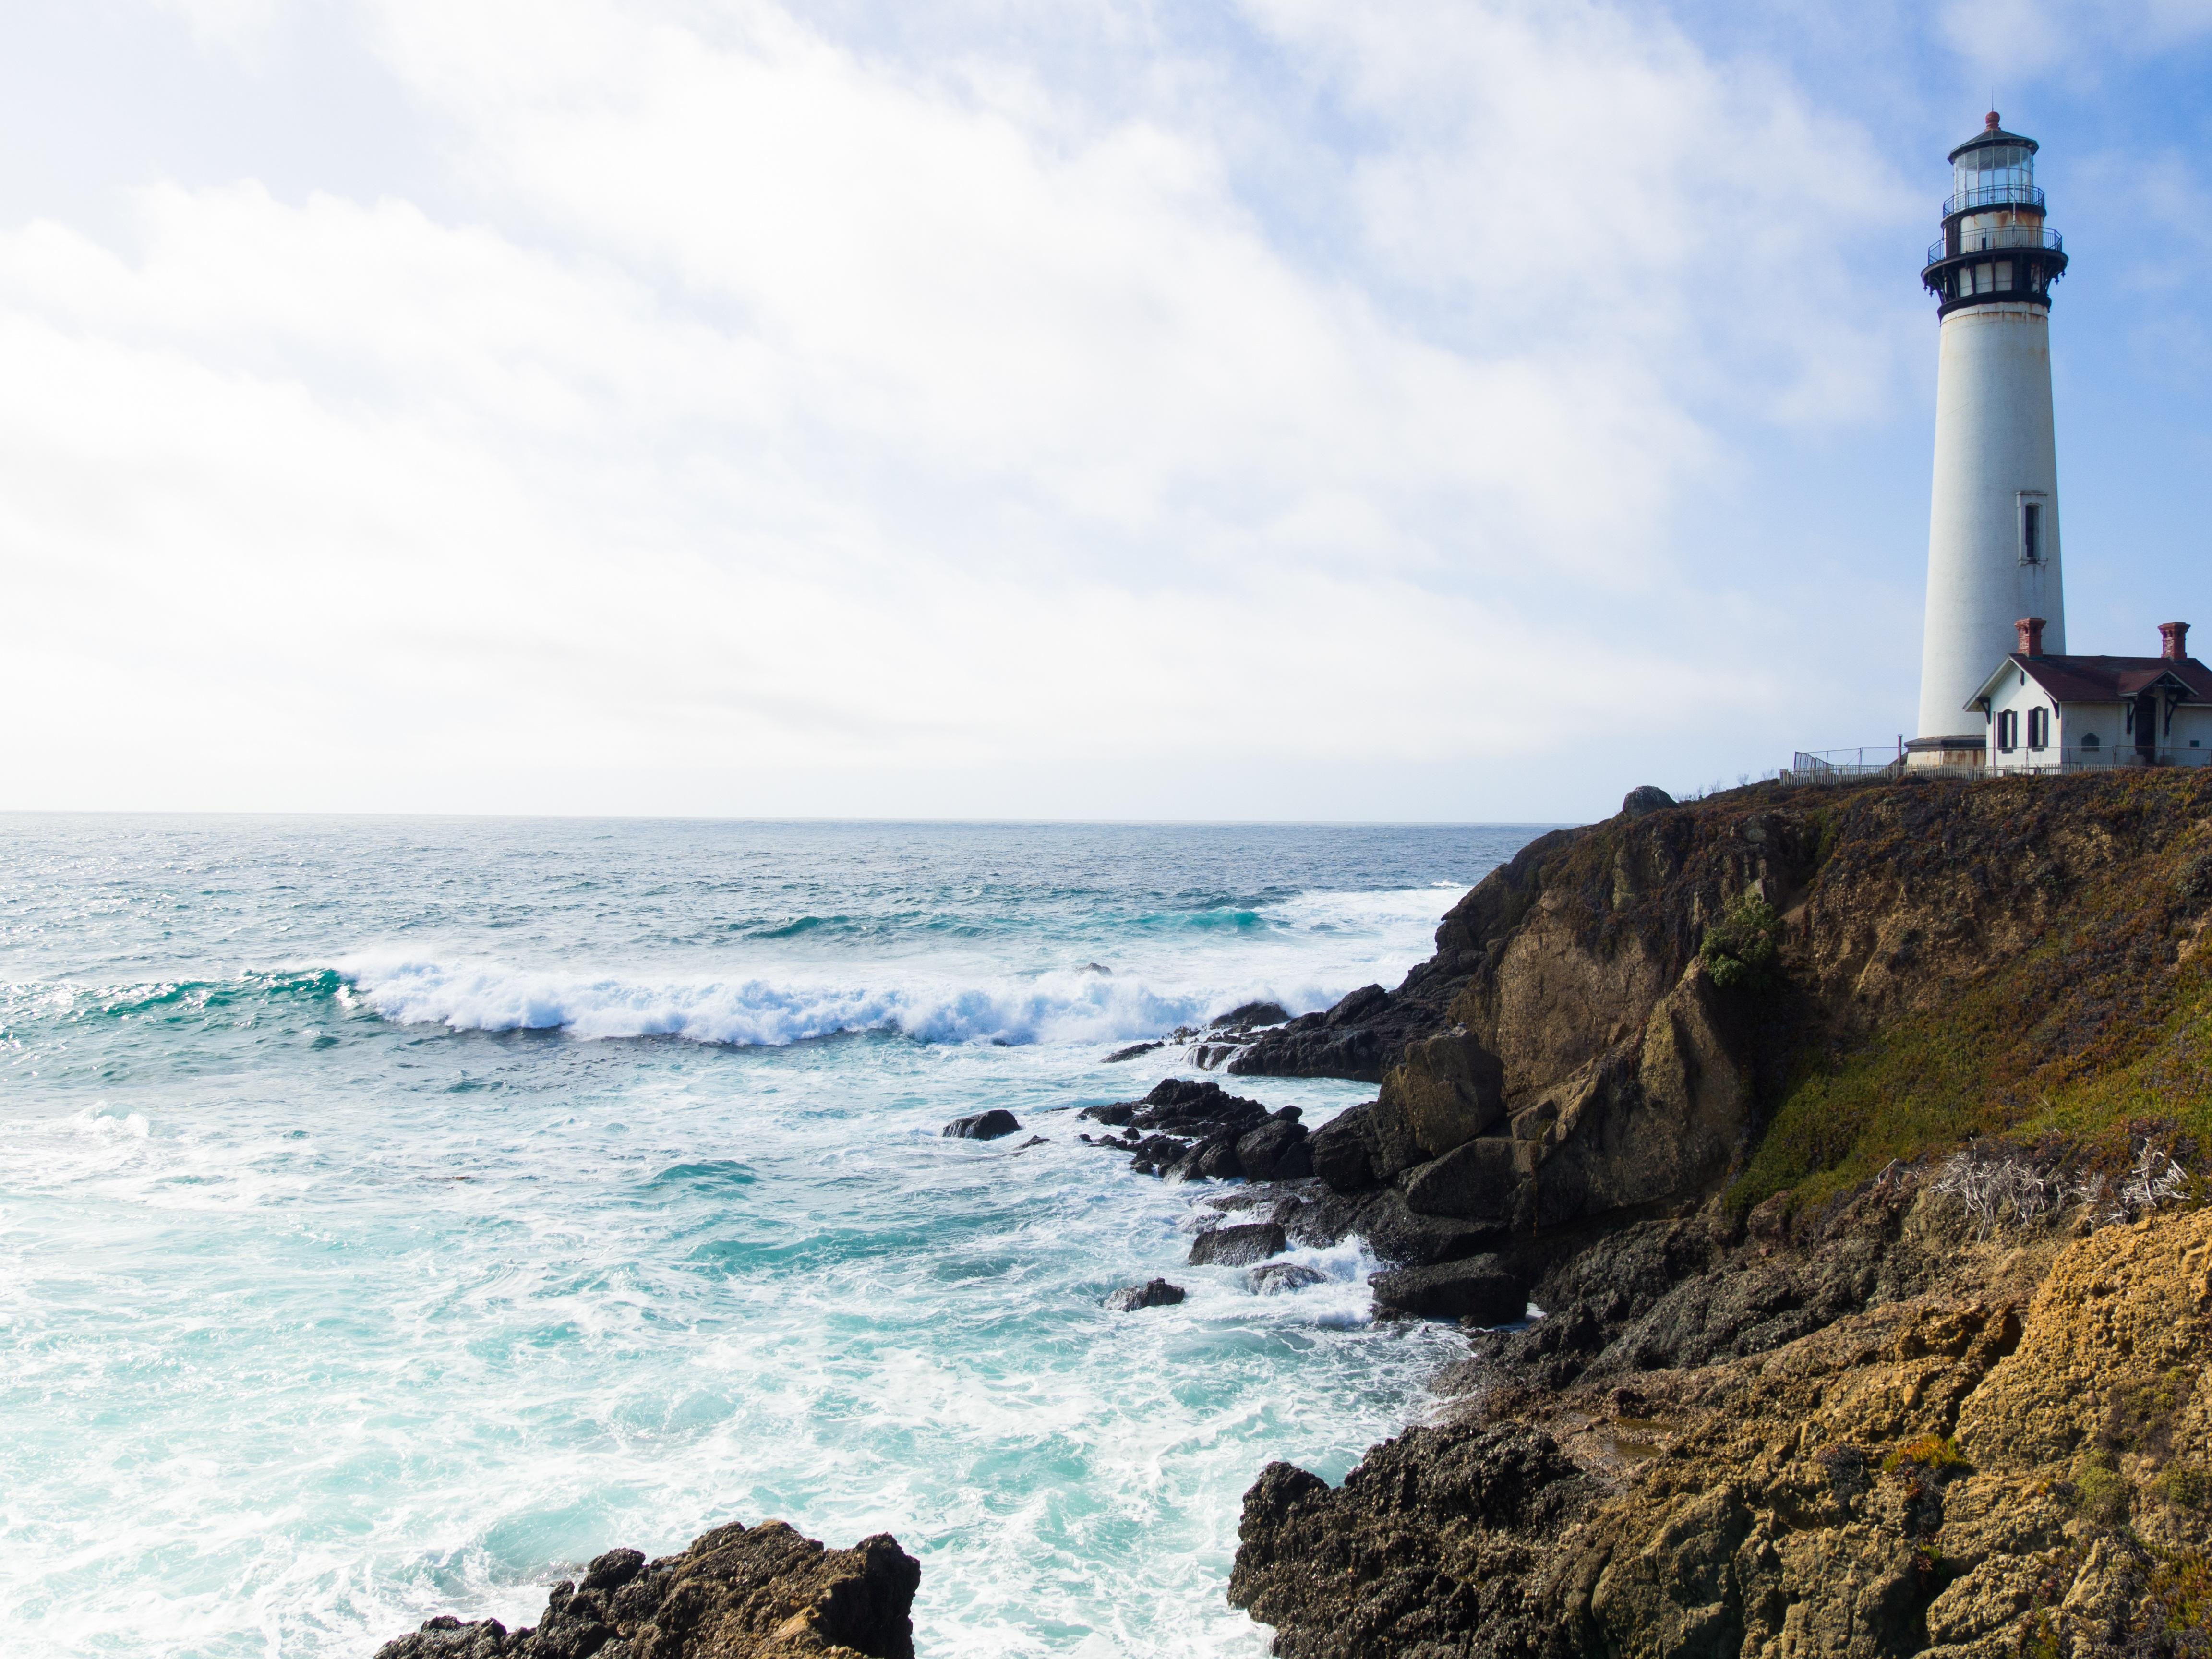 зависят маяк на берегу моря фото были проведены прецизионные